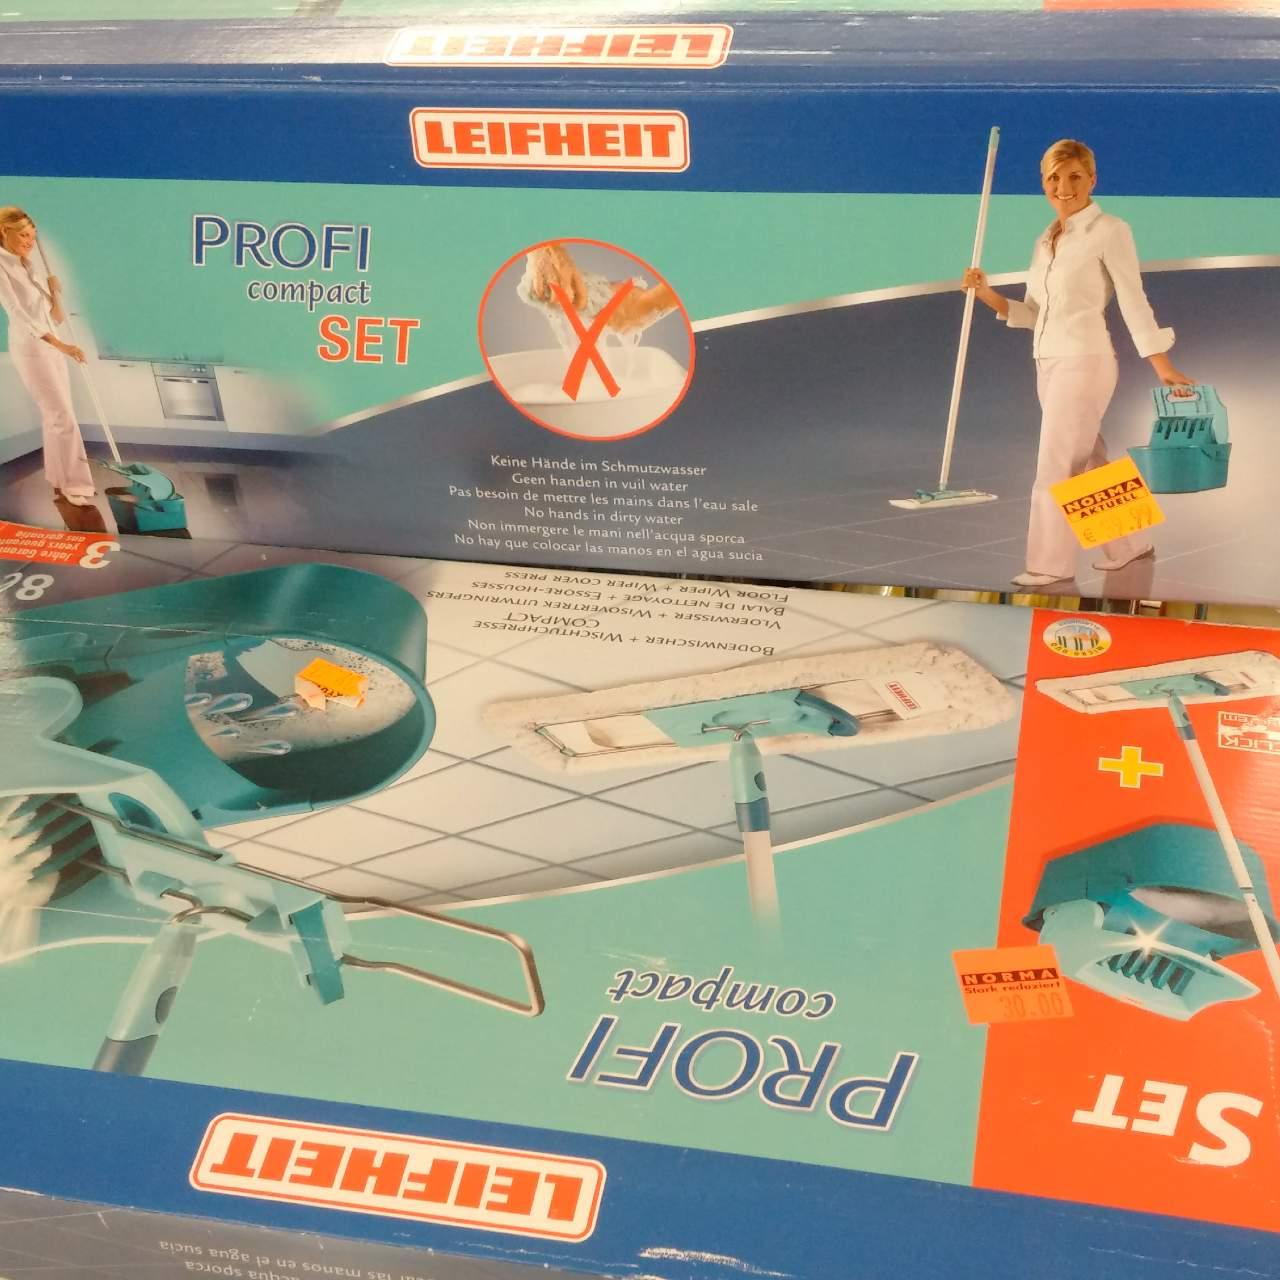 Leifheit Profi compact Set